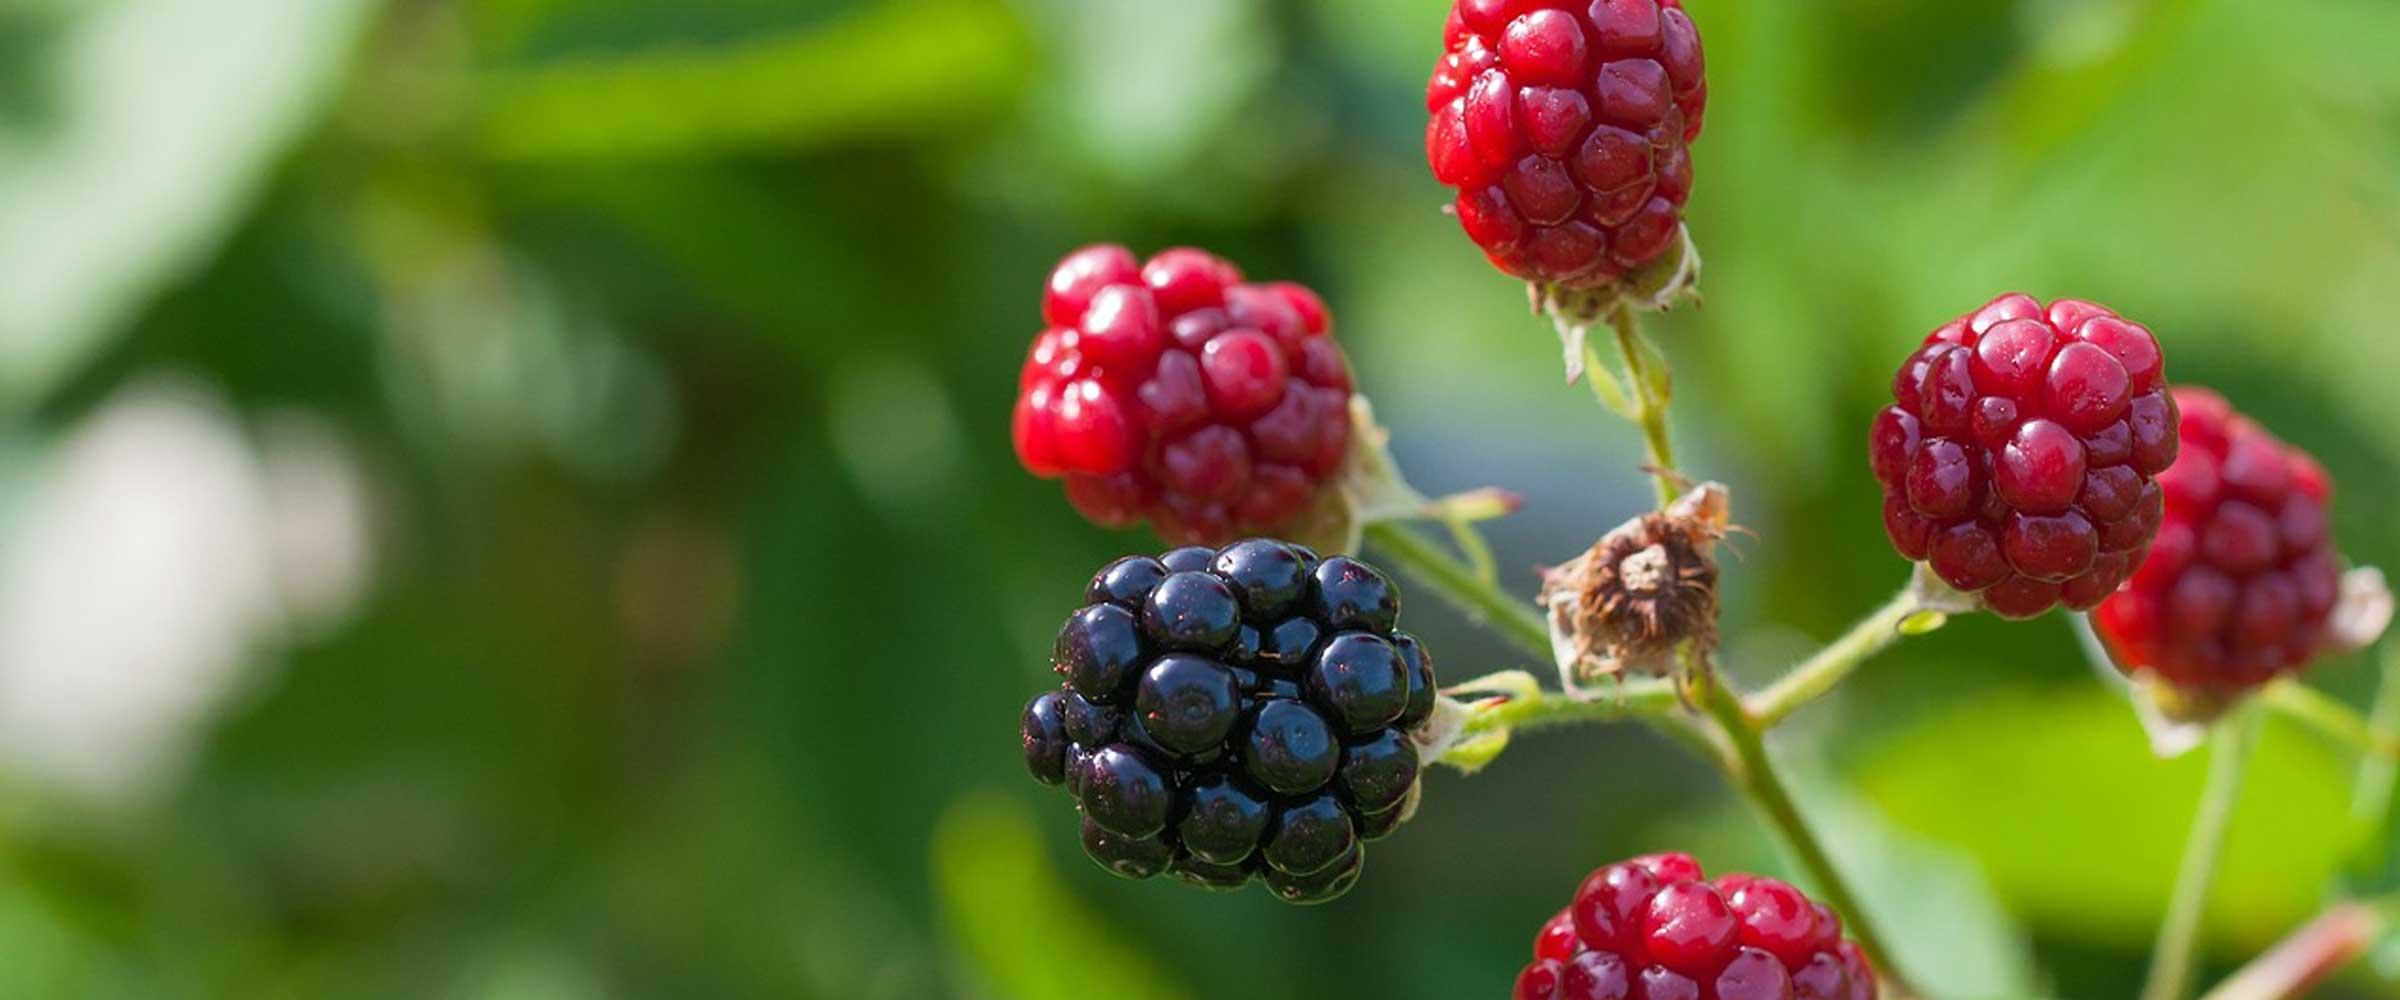 azienda vivaistica frutticultura Orvieto